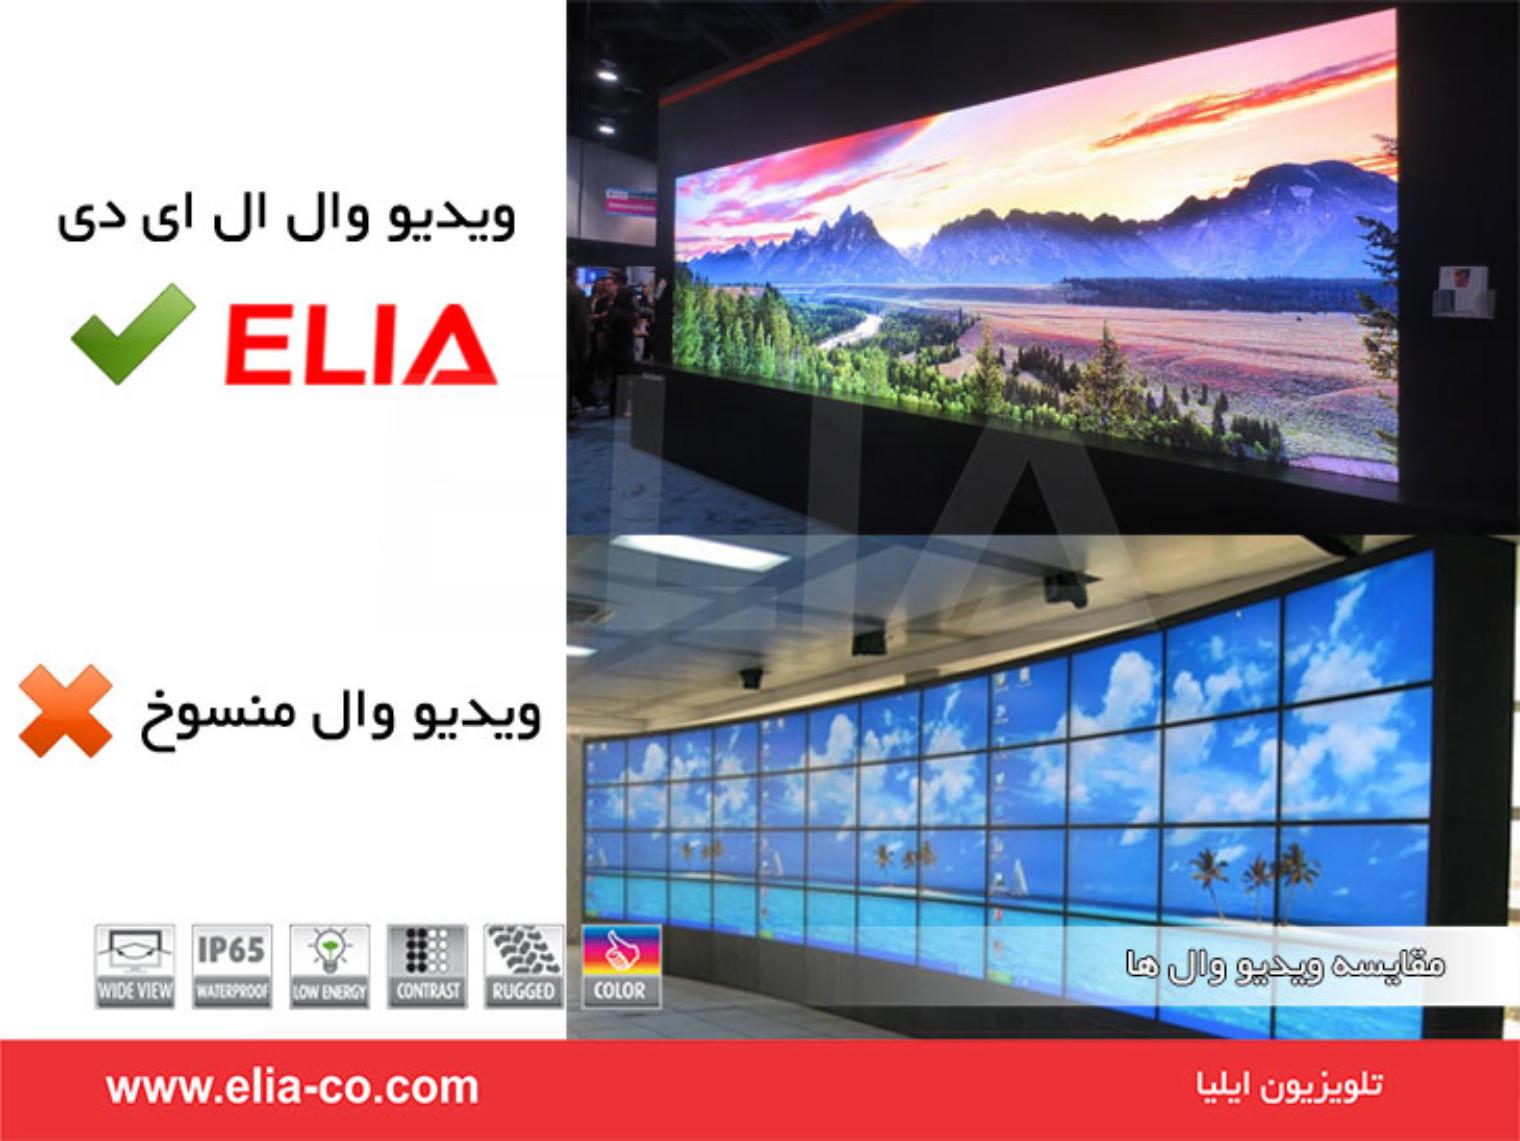 ویدیو وال ال ای دی ایلیا